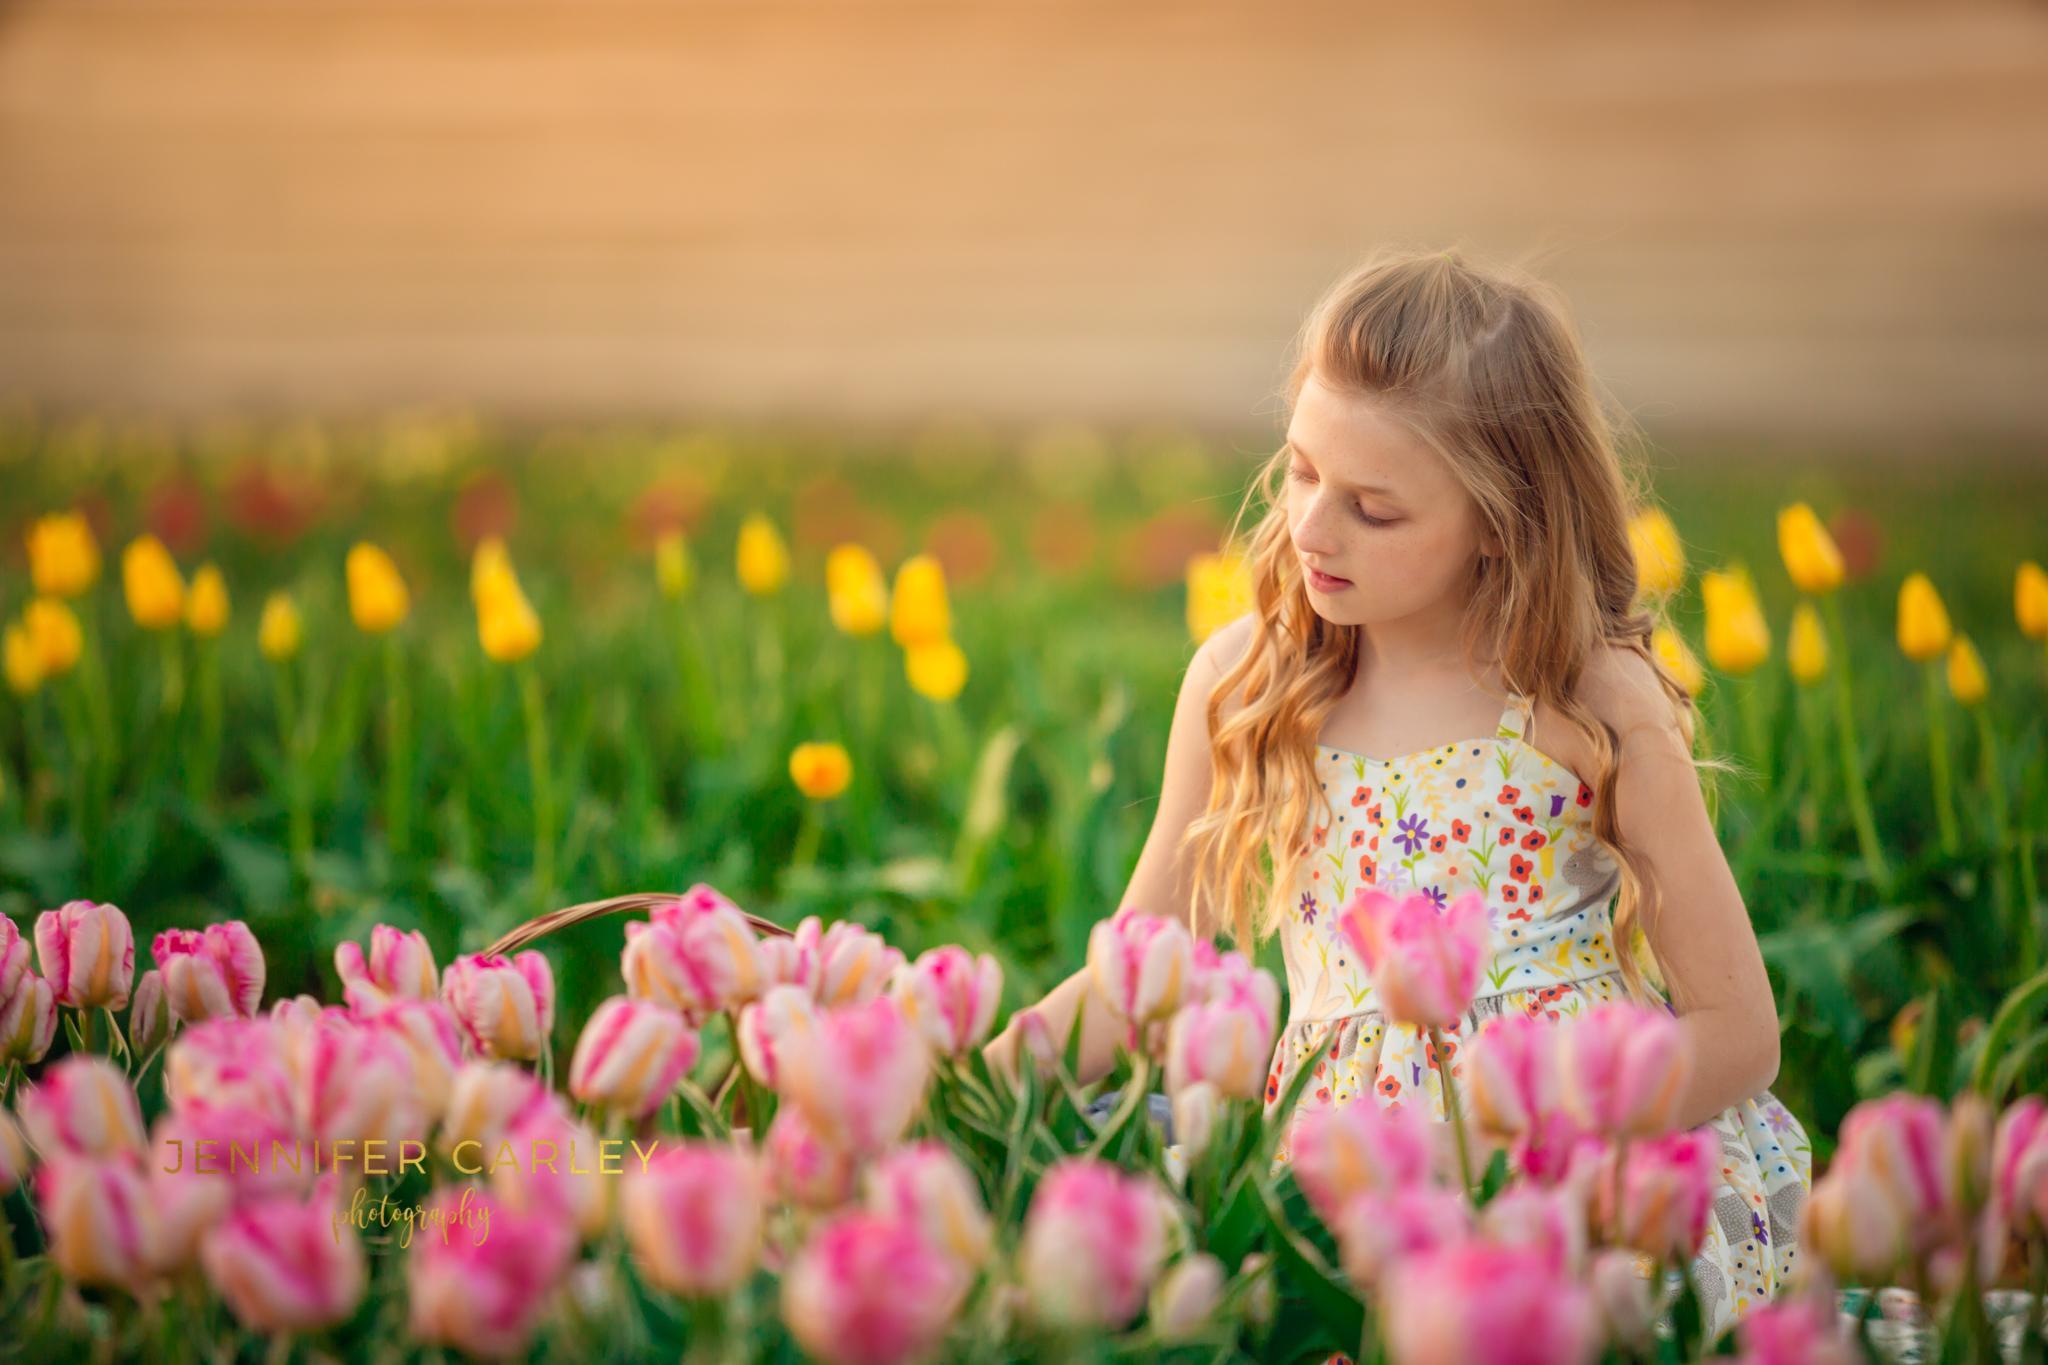 Flower Mound Family Photographer maternity, newborn, children, seniors, family